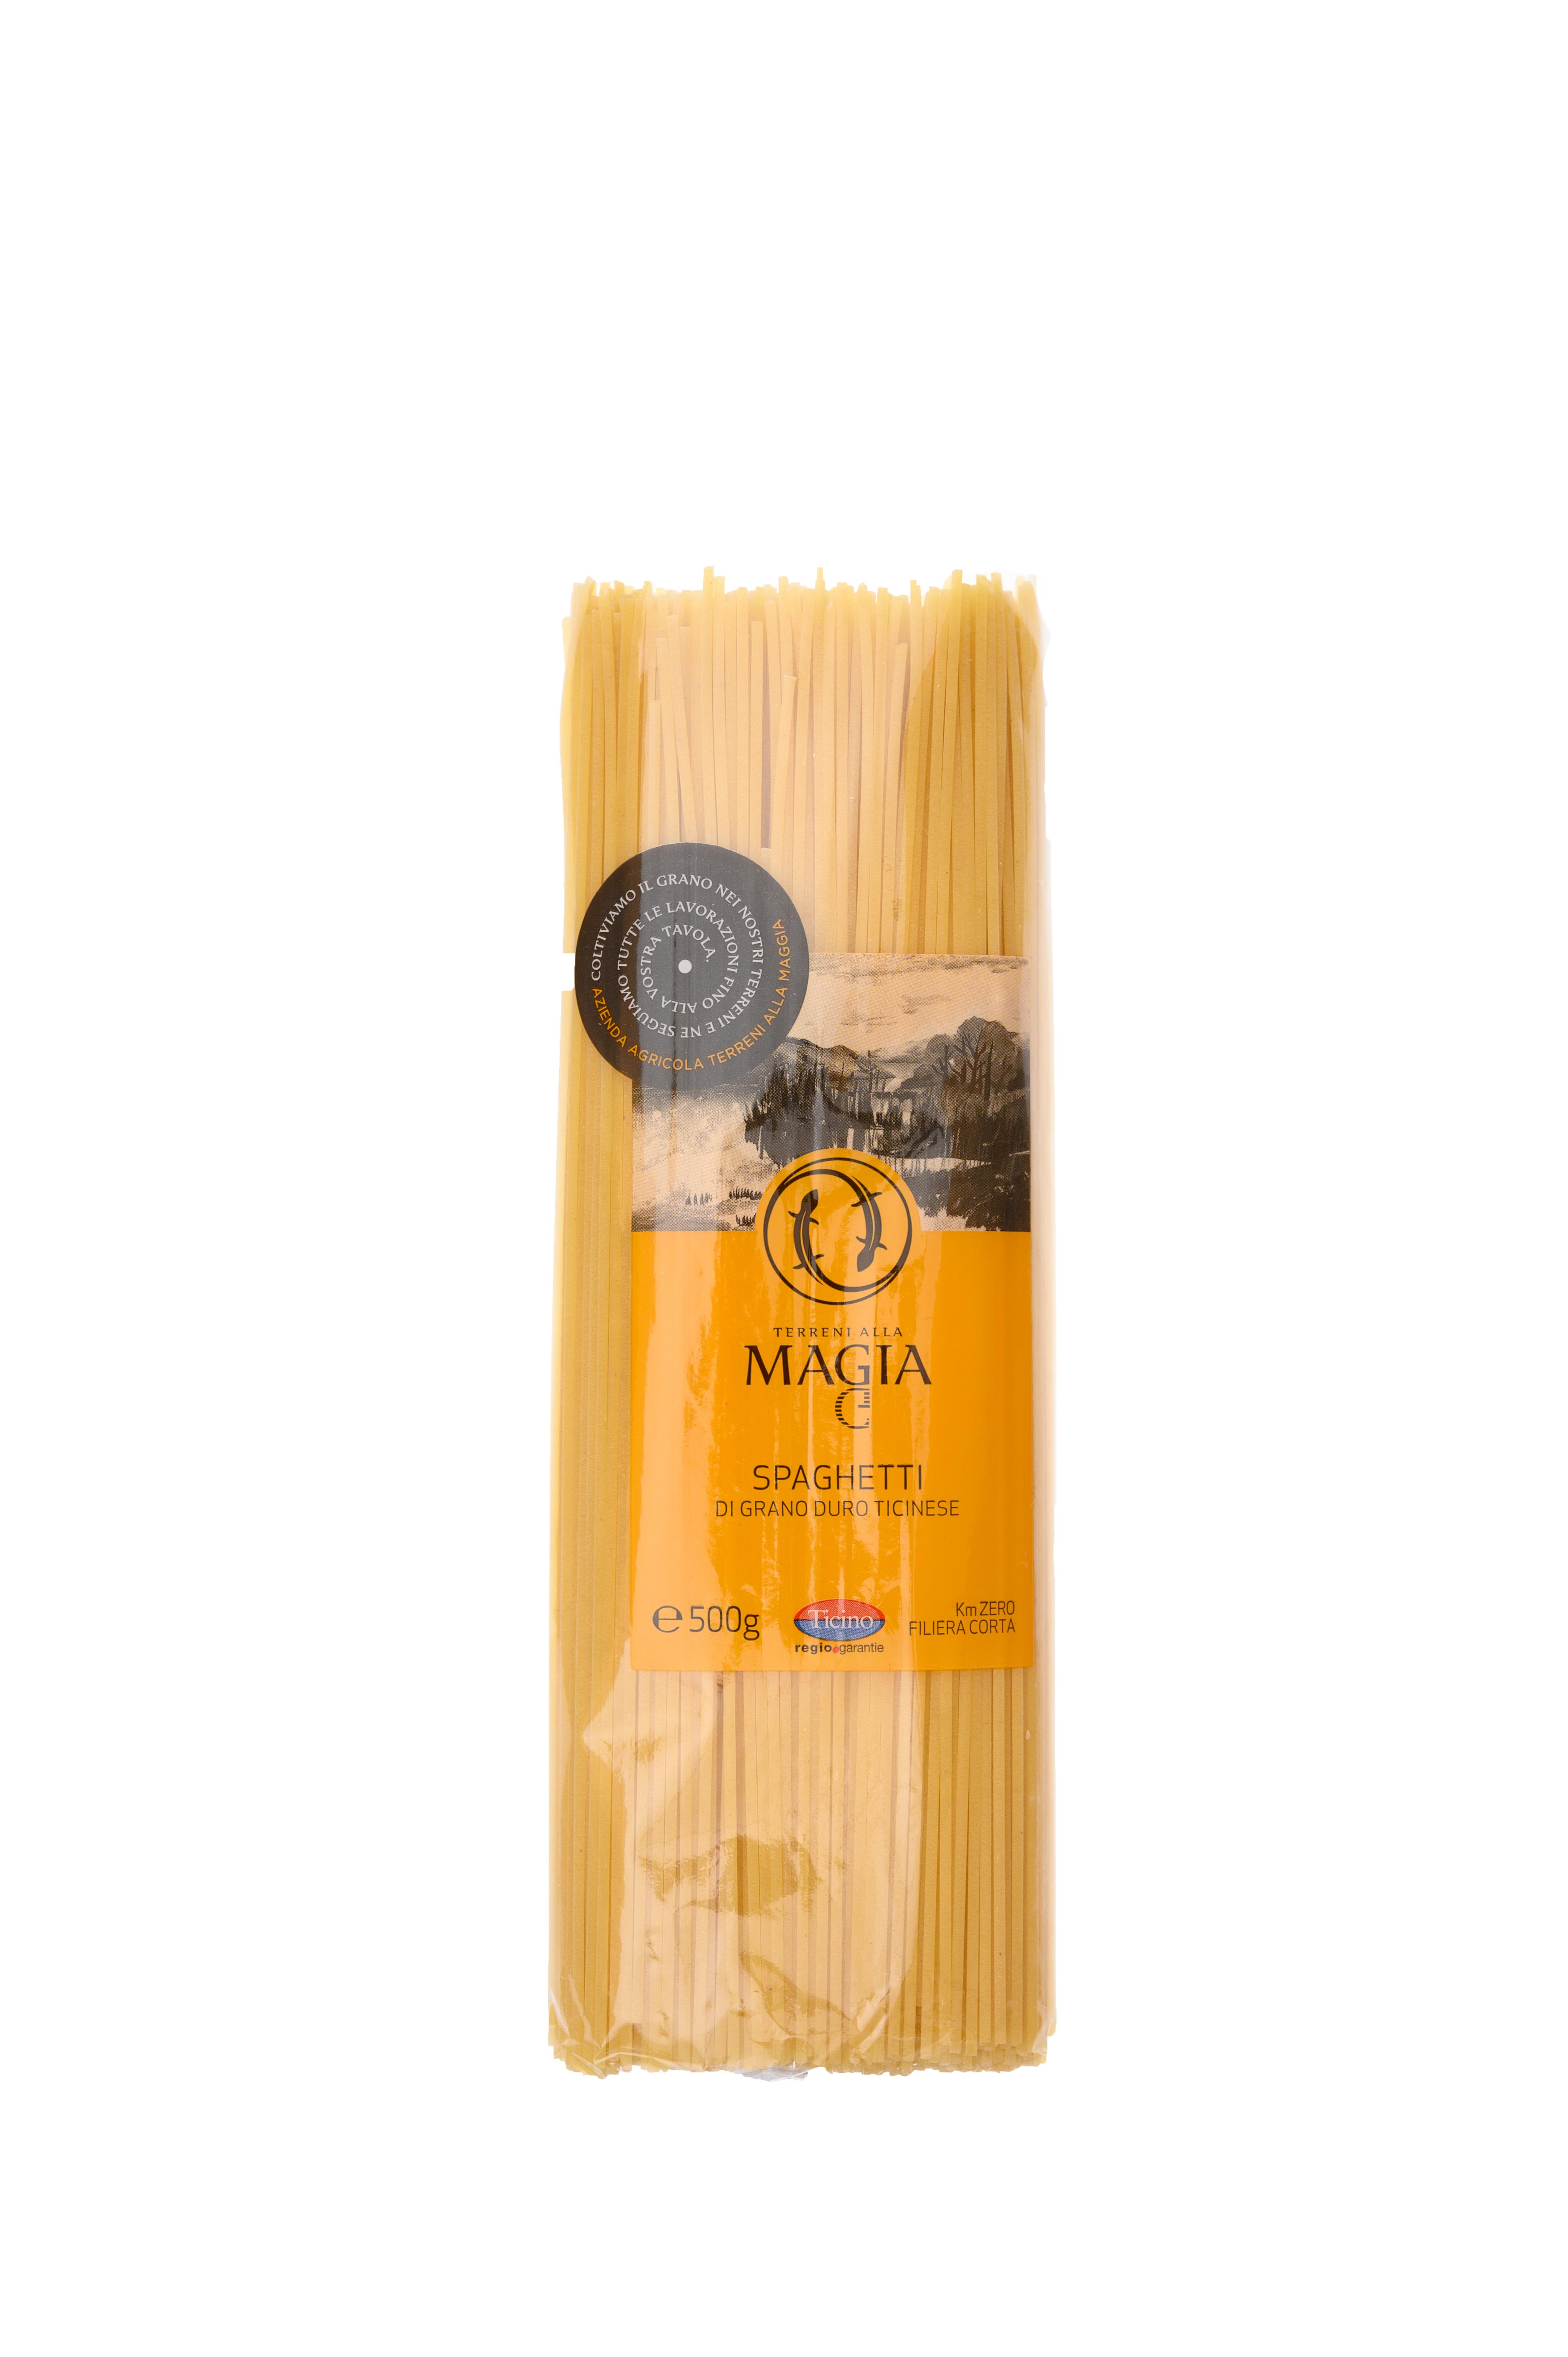 Spaghetti di grano duro Ticinese